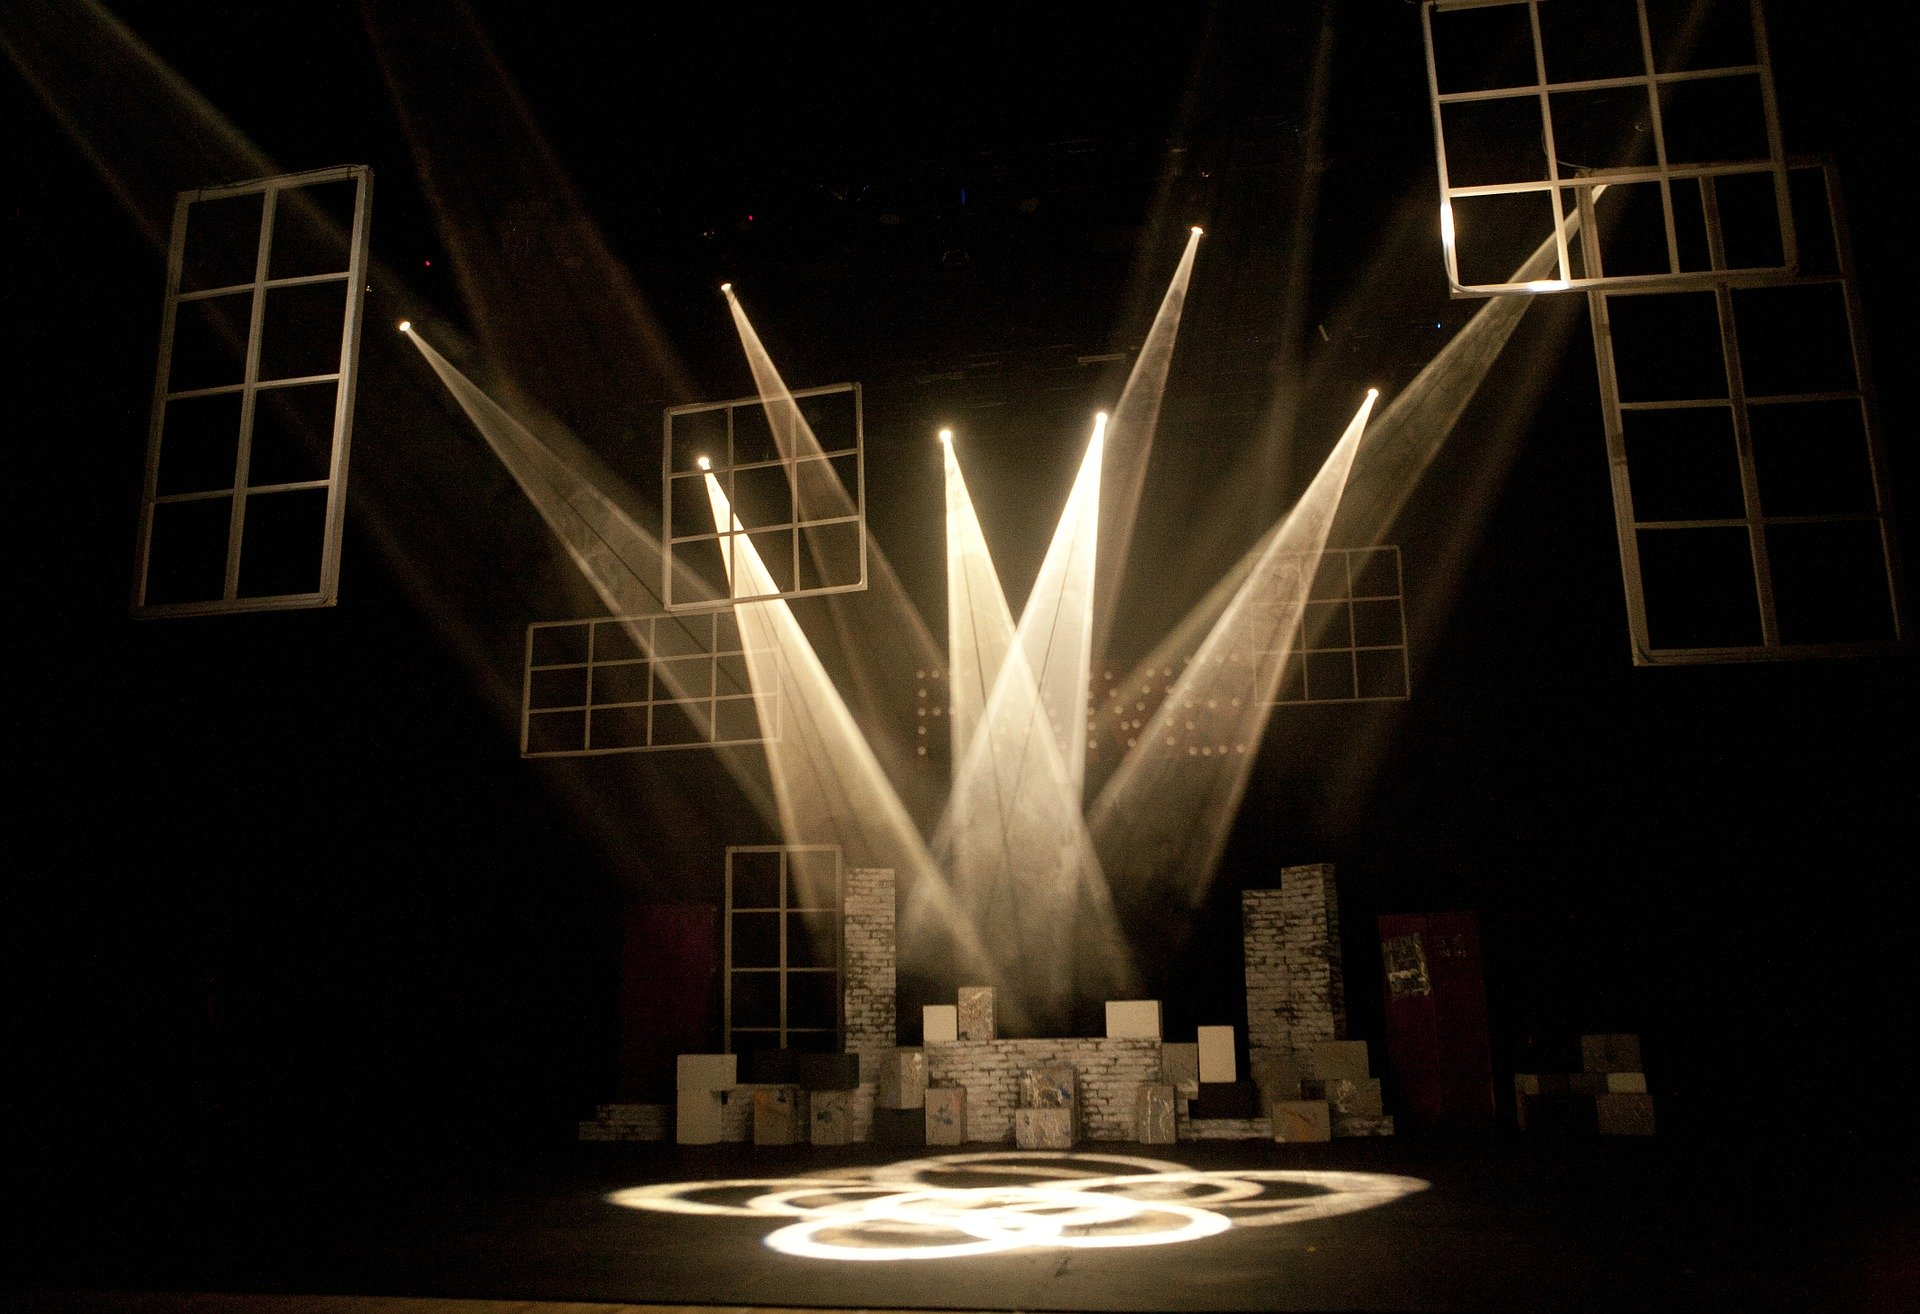 『THE★JINRO』主催者、出演者は誰? 舞台クラスターに対する意見まとめ